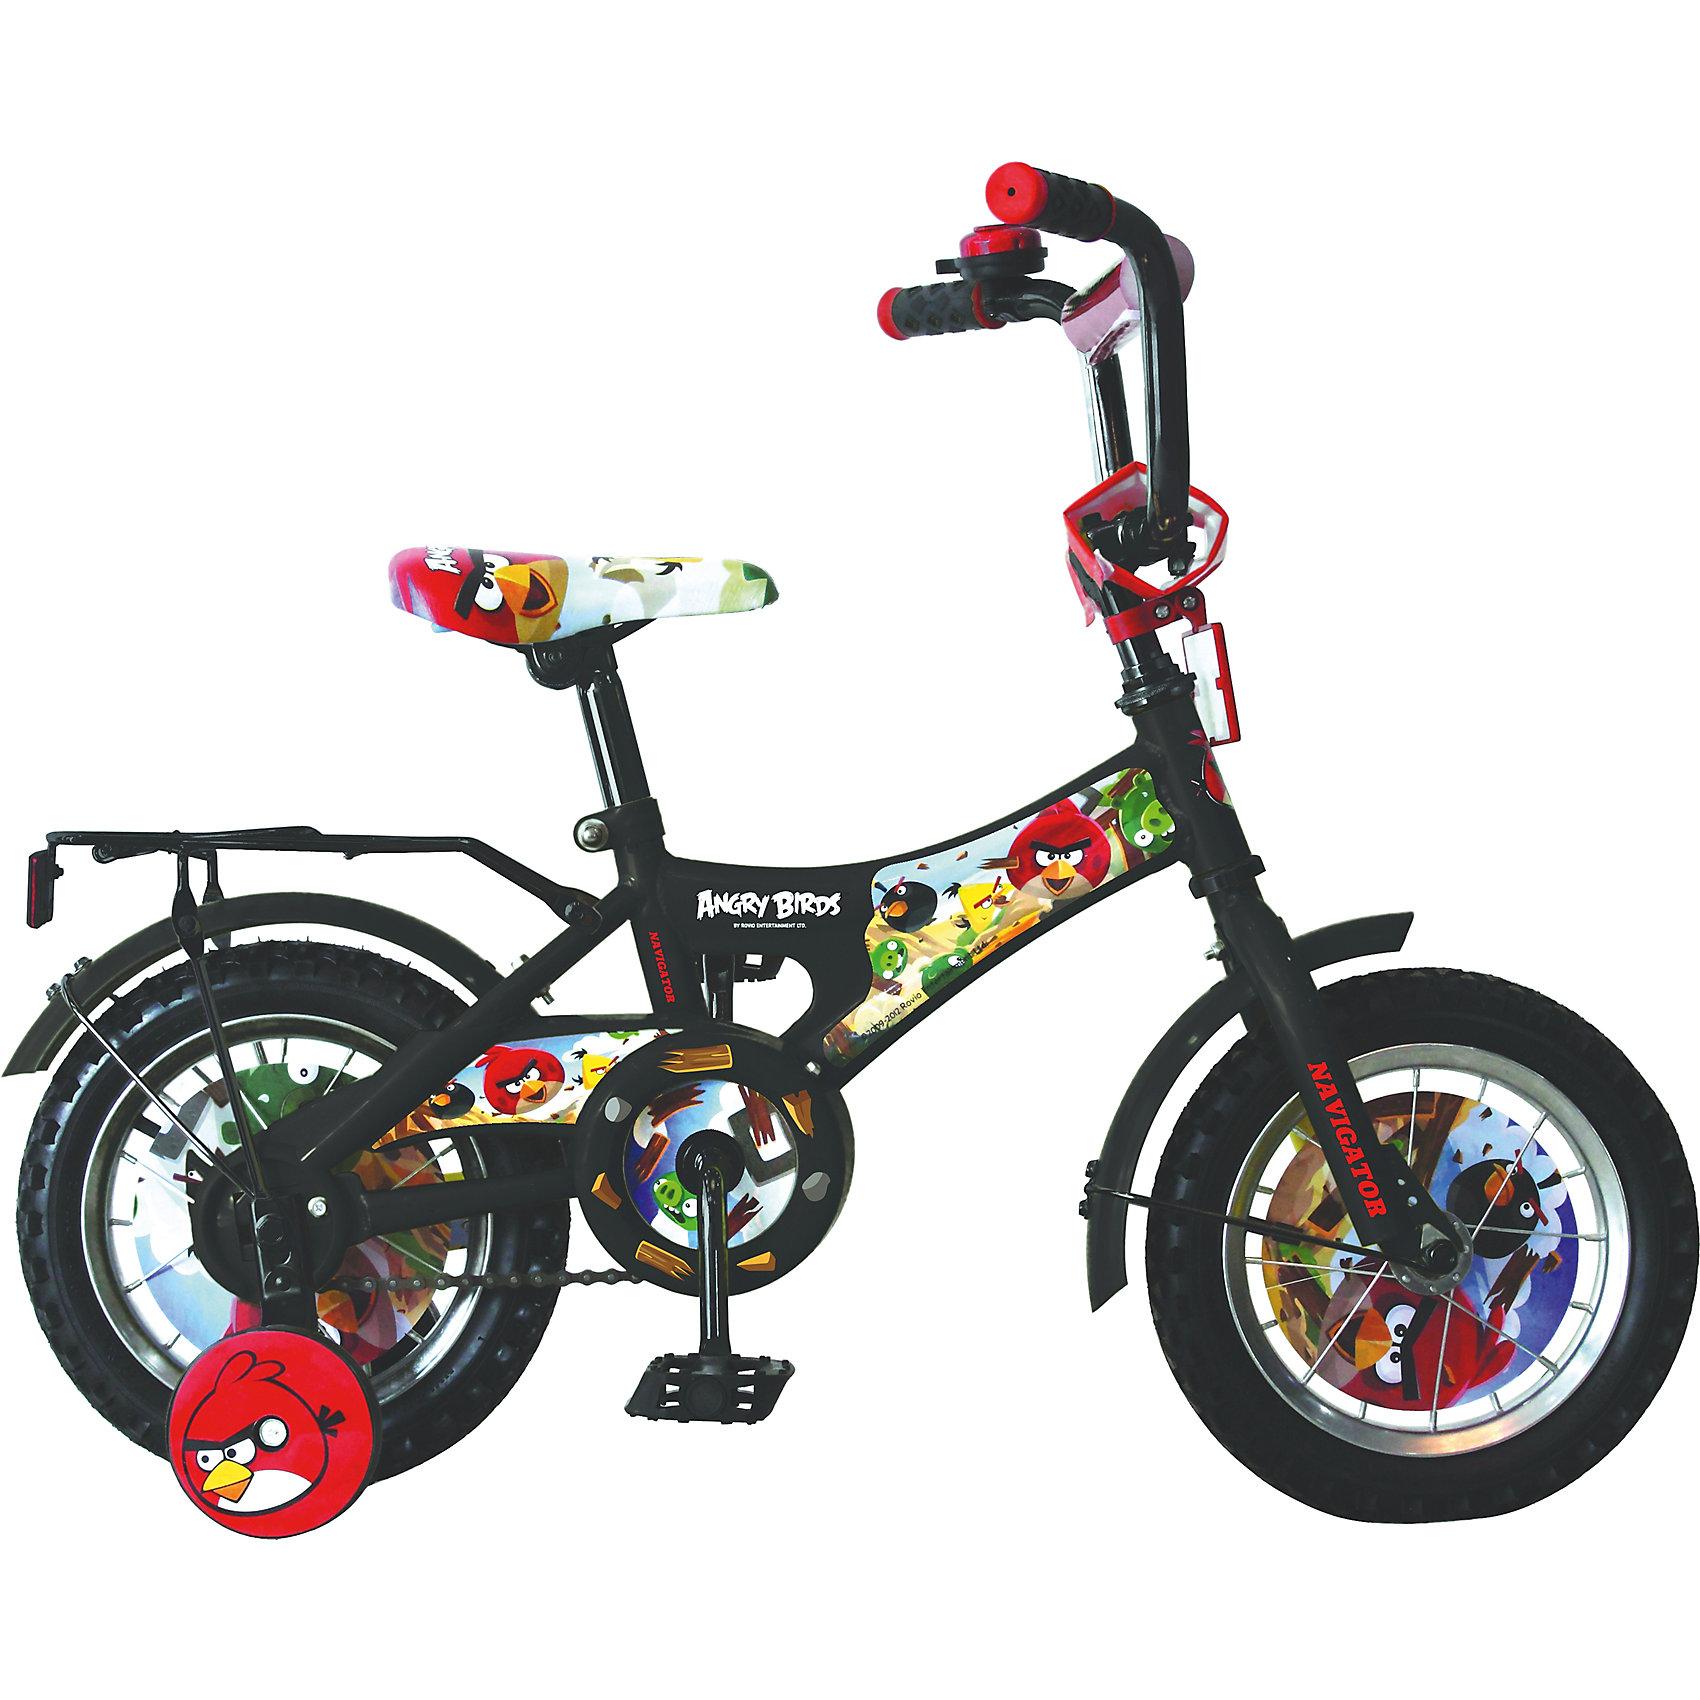 Велосипед Angry Birds, черный, NavigatorВелосипед Angry Birds, черный, Navigator (Навигатор) – это яркий, стильный, надежный велосипед высокого качества.<br>Велосипед Angry Birds АВ-1 тип - это мечта любого ребенка, ведь на нем нарисованы любимые герои из компьютерной игры. Он идеален для тех, кто только учится кататься и не умеет держать равновесие. Рама велосипеда выполнена из высокопрочного металла. Покрытие рамы устойчиво к царапинам. Руль достаточно подвижный и позволяет быстро сориентироваться с управлением. Мягкая накладка на руле обеспечит небольшое смягчение при падении на руль. На ручках руля нескользящее покрытие. Велосипед имеет дополнительные страховочные колеса, защиту цепи, стальные обода для защиты от брызг, удобное сиденье эргономичной формы, звонок, задний багажник. Основные колеса декорированы яркими вставками. Сиденье и руль регулируются по высоте. Катание на велосипеде поможет ребенку укрепить опорно-двигательную и сердечнососудистую системы.<br><br>Дополнительная информация:<br><br>- Возрастная категория: от 3 лет<br>- Подходит для детей ростом 85 - 110 см.<br>- Максимально допустимая нагрузка: 25 кг.<br>- Диаметр колес: 12 дюймов<br>- Односоставной шатун<br>- Тормоз: ножной<br>- Конструкция вилки: жесткая<br>- Материал рамы: сталь<br>- Цвет: черный<br>- Вес в упаковке: 9,5 кг.<br><br>Велосипед Angry Birds, черный, Navigator (Навигатор) можно купить в нашем интернет-магазине.<br><br>Ширина мм: 170<br>Глубина мм: 705<br>Высота мм: 330<br>Вес г: 9500<br>Возраст от месяцев: 300<br>Возраст до месяцев: 84<br>Пол: Унисекс<br>Возраст: Детский<br>SKU: 4655092